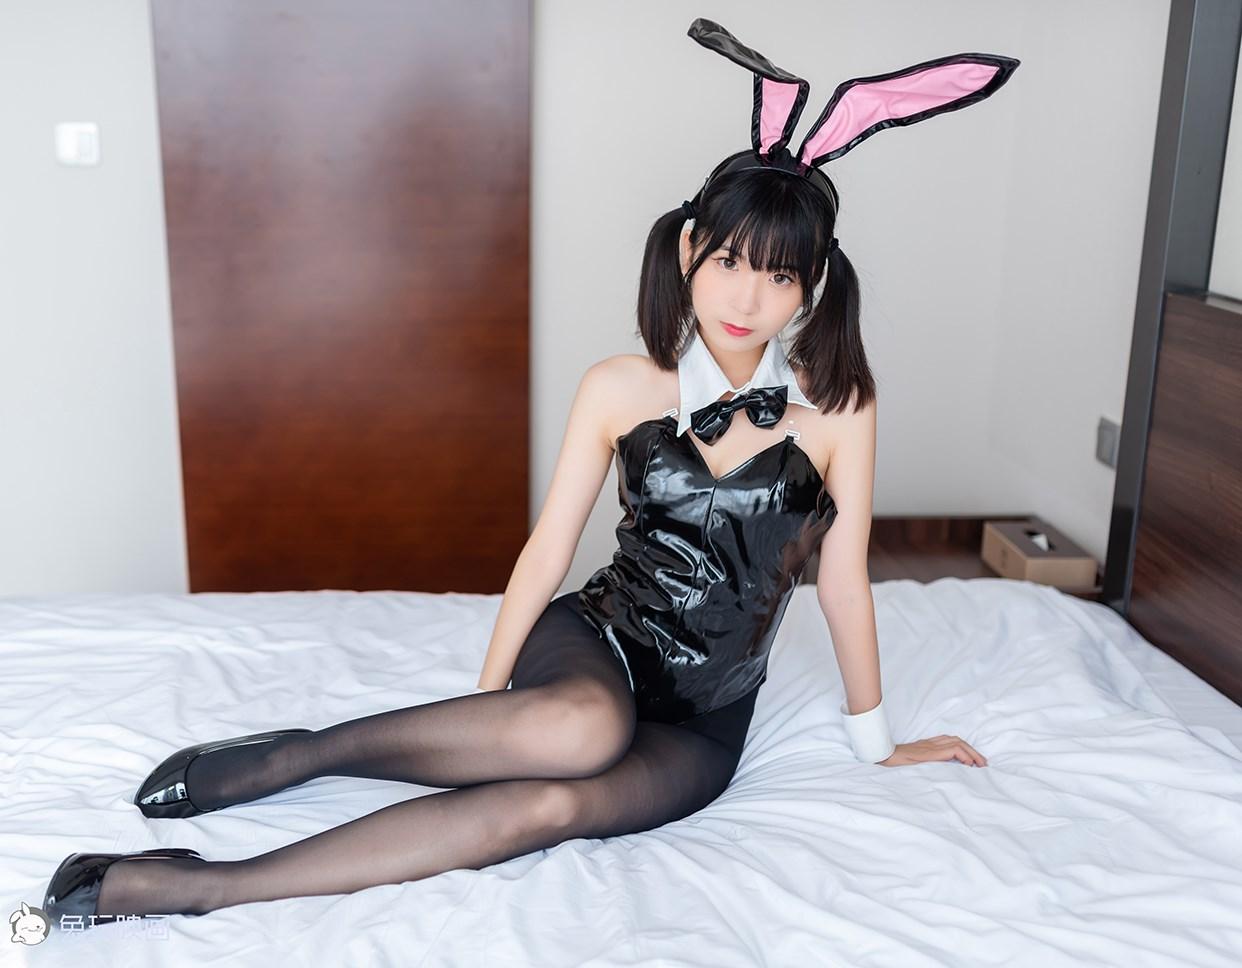 【兔玩映画】兔女郎vol.14-星野 兔玩映画 第18张